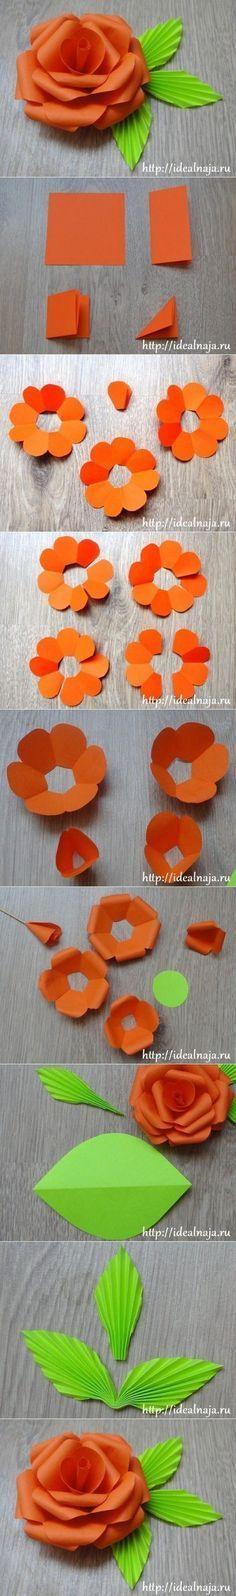 Cómo hacer #flores con #cartulinas y #cartón paso a paso  #HOWTO #DIY #artesanía #manualidades #reciclaje